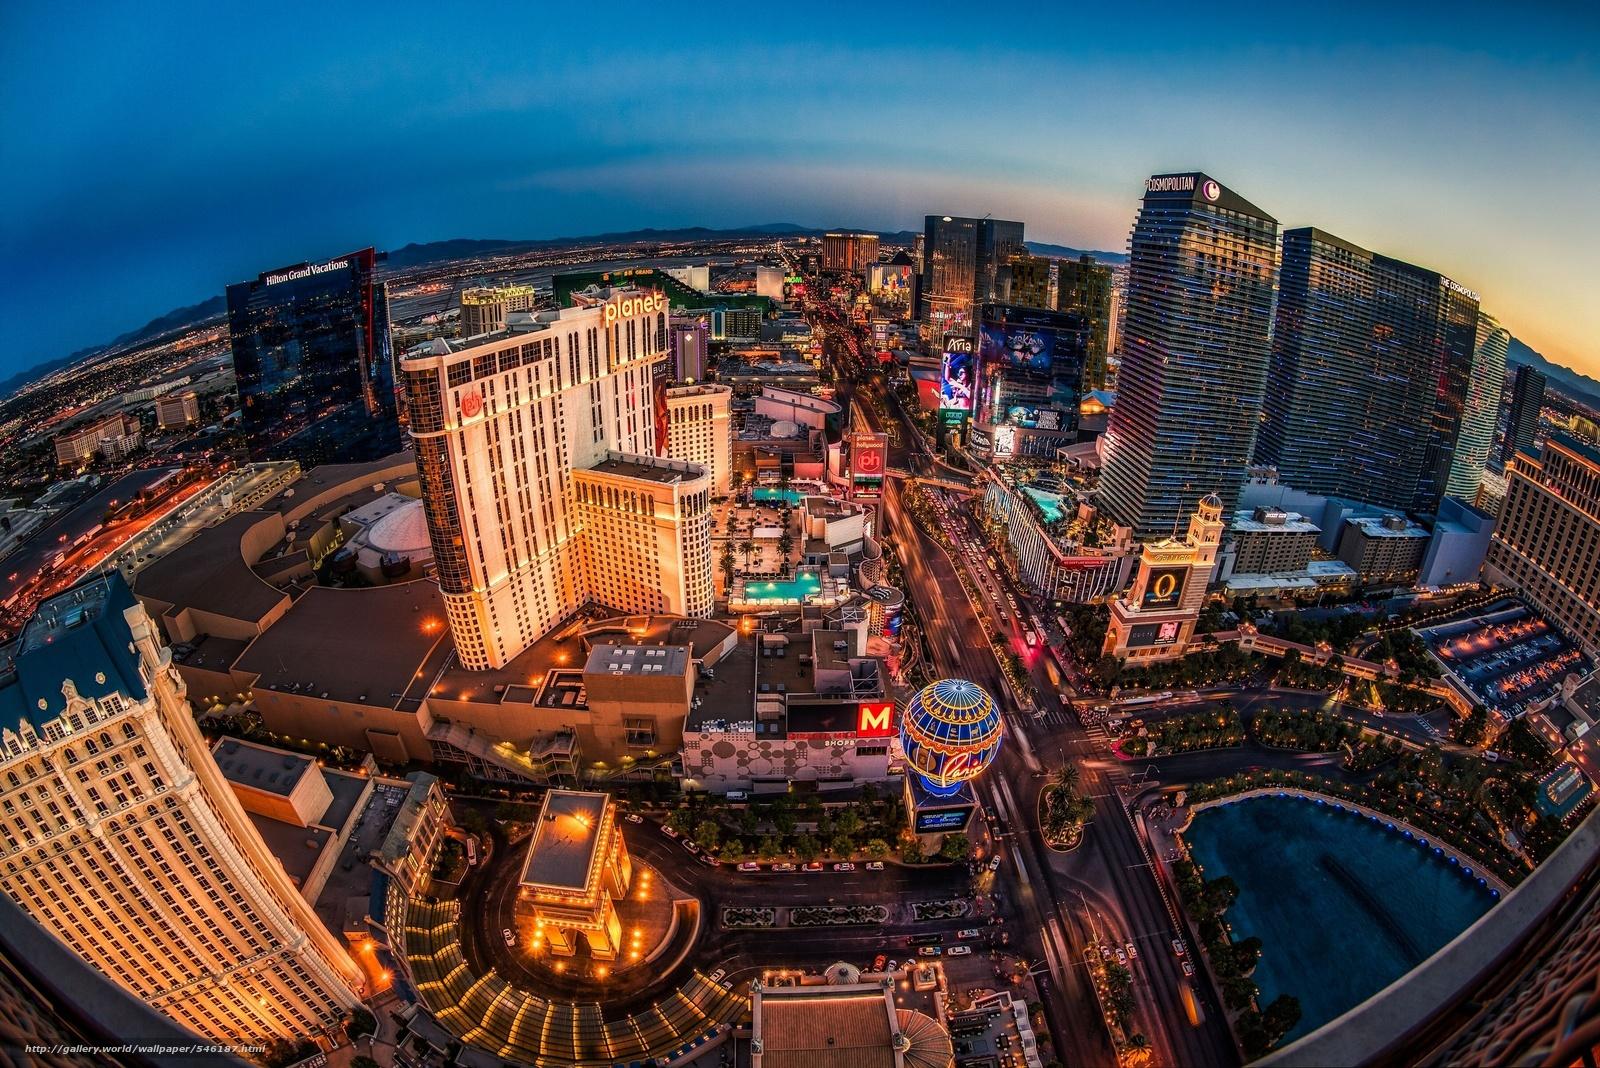 Лас-Вегас, Невада, Nevada, ночной город, Las Vegas, панорама, здания Скачать,  картинка, изображение, фото, обои